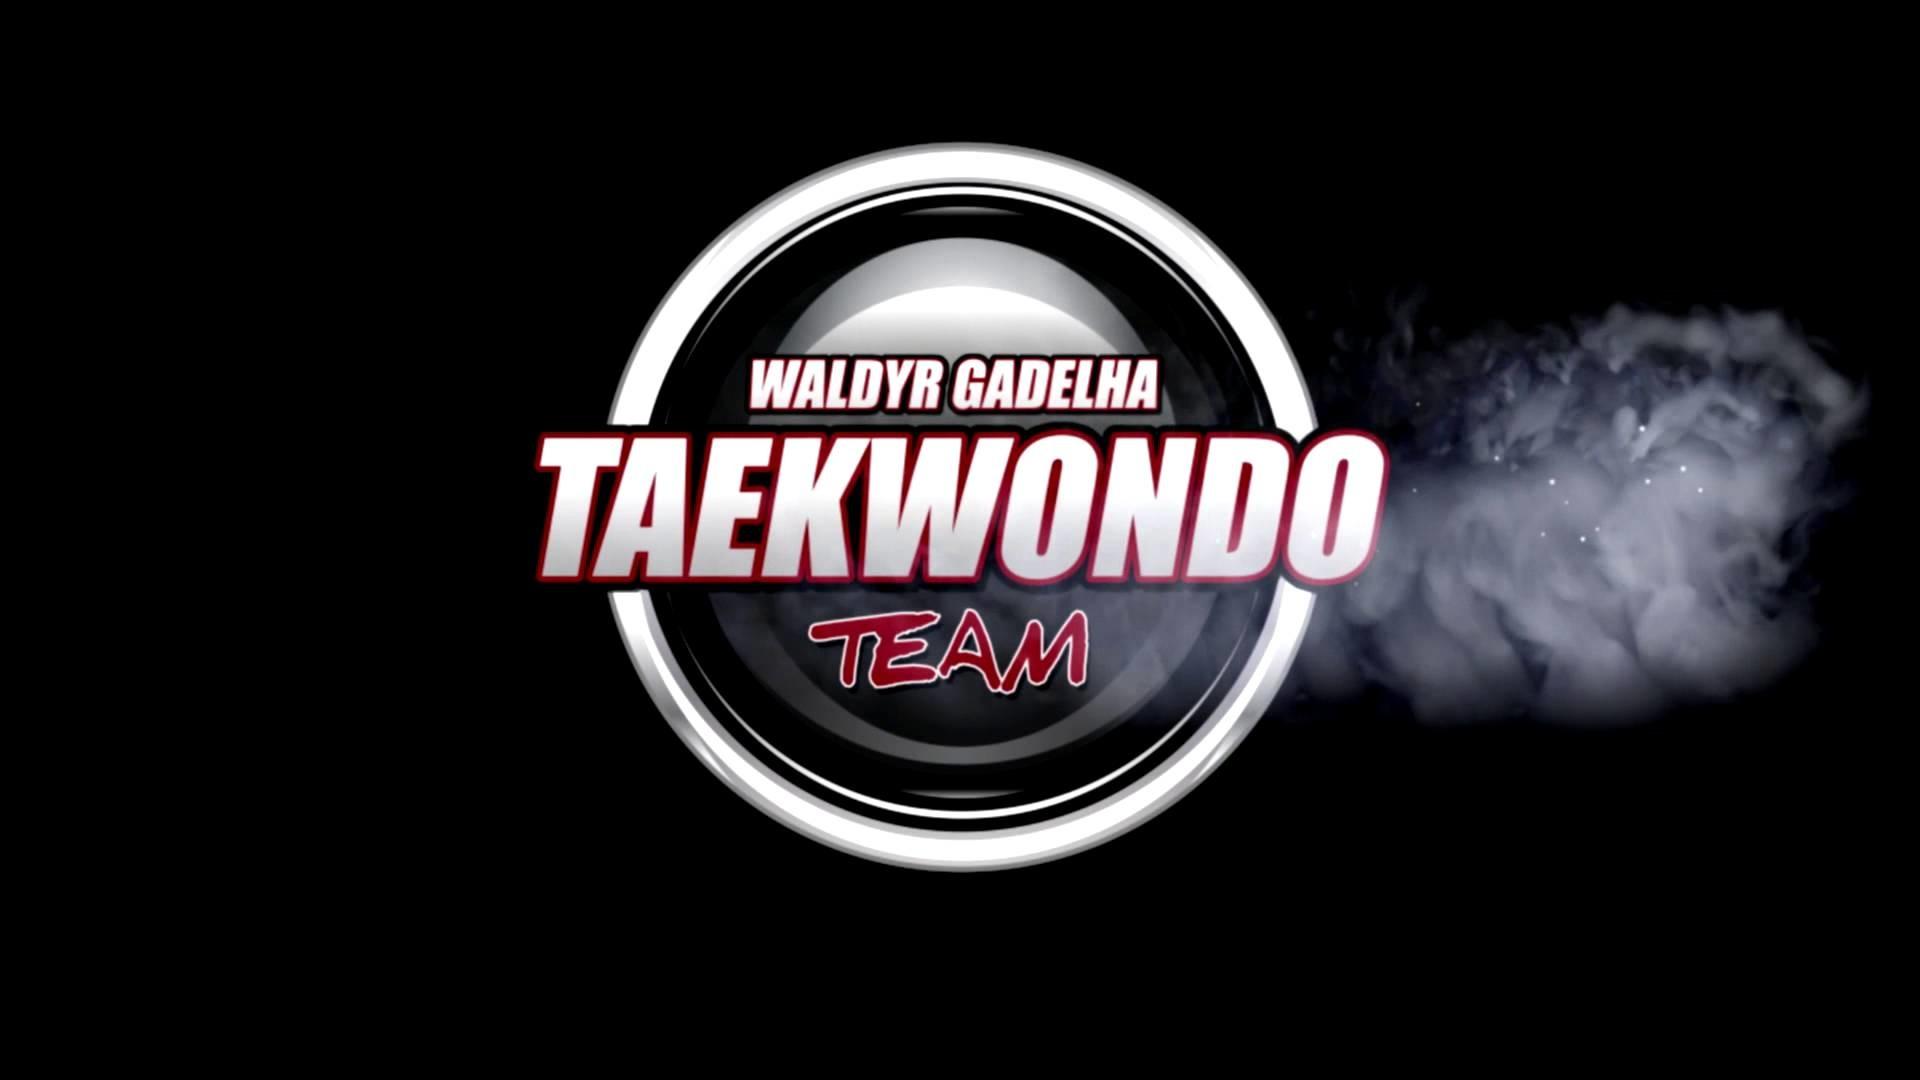 WALDYR GADELHA TAEKWONDO TEAM LOGO OFICIAL